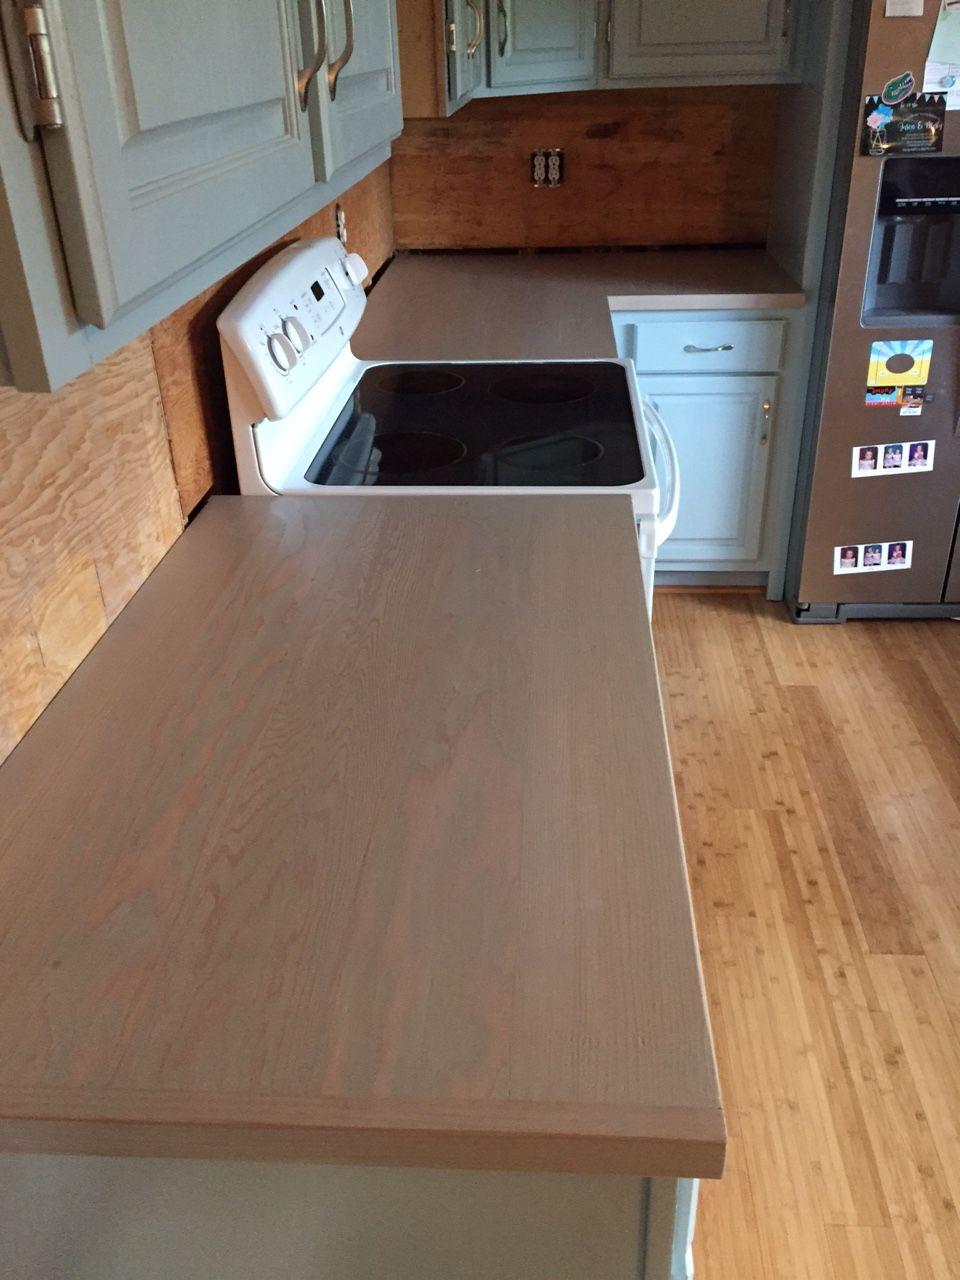 2 X6 Douglas Fir Wood Countertop During Install Wood